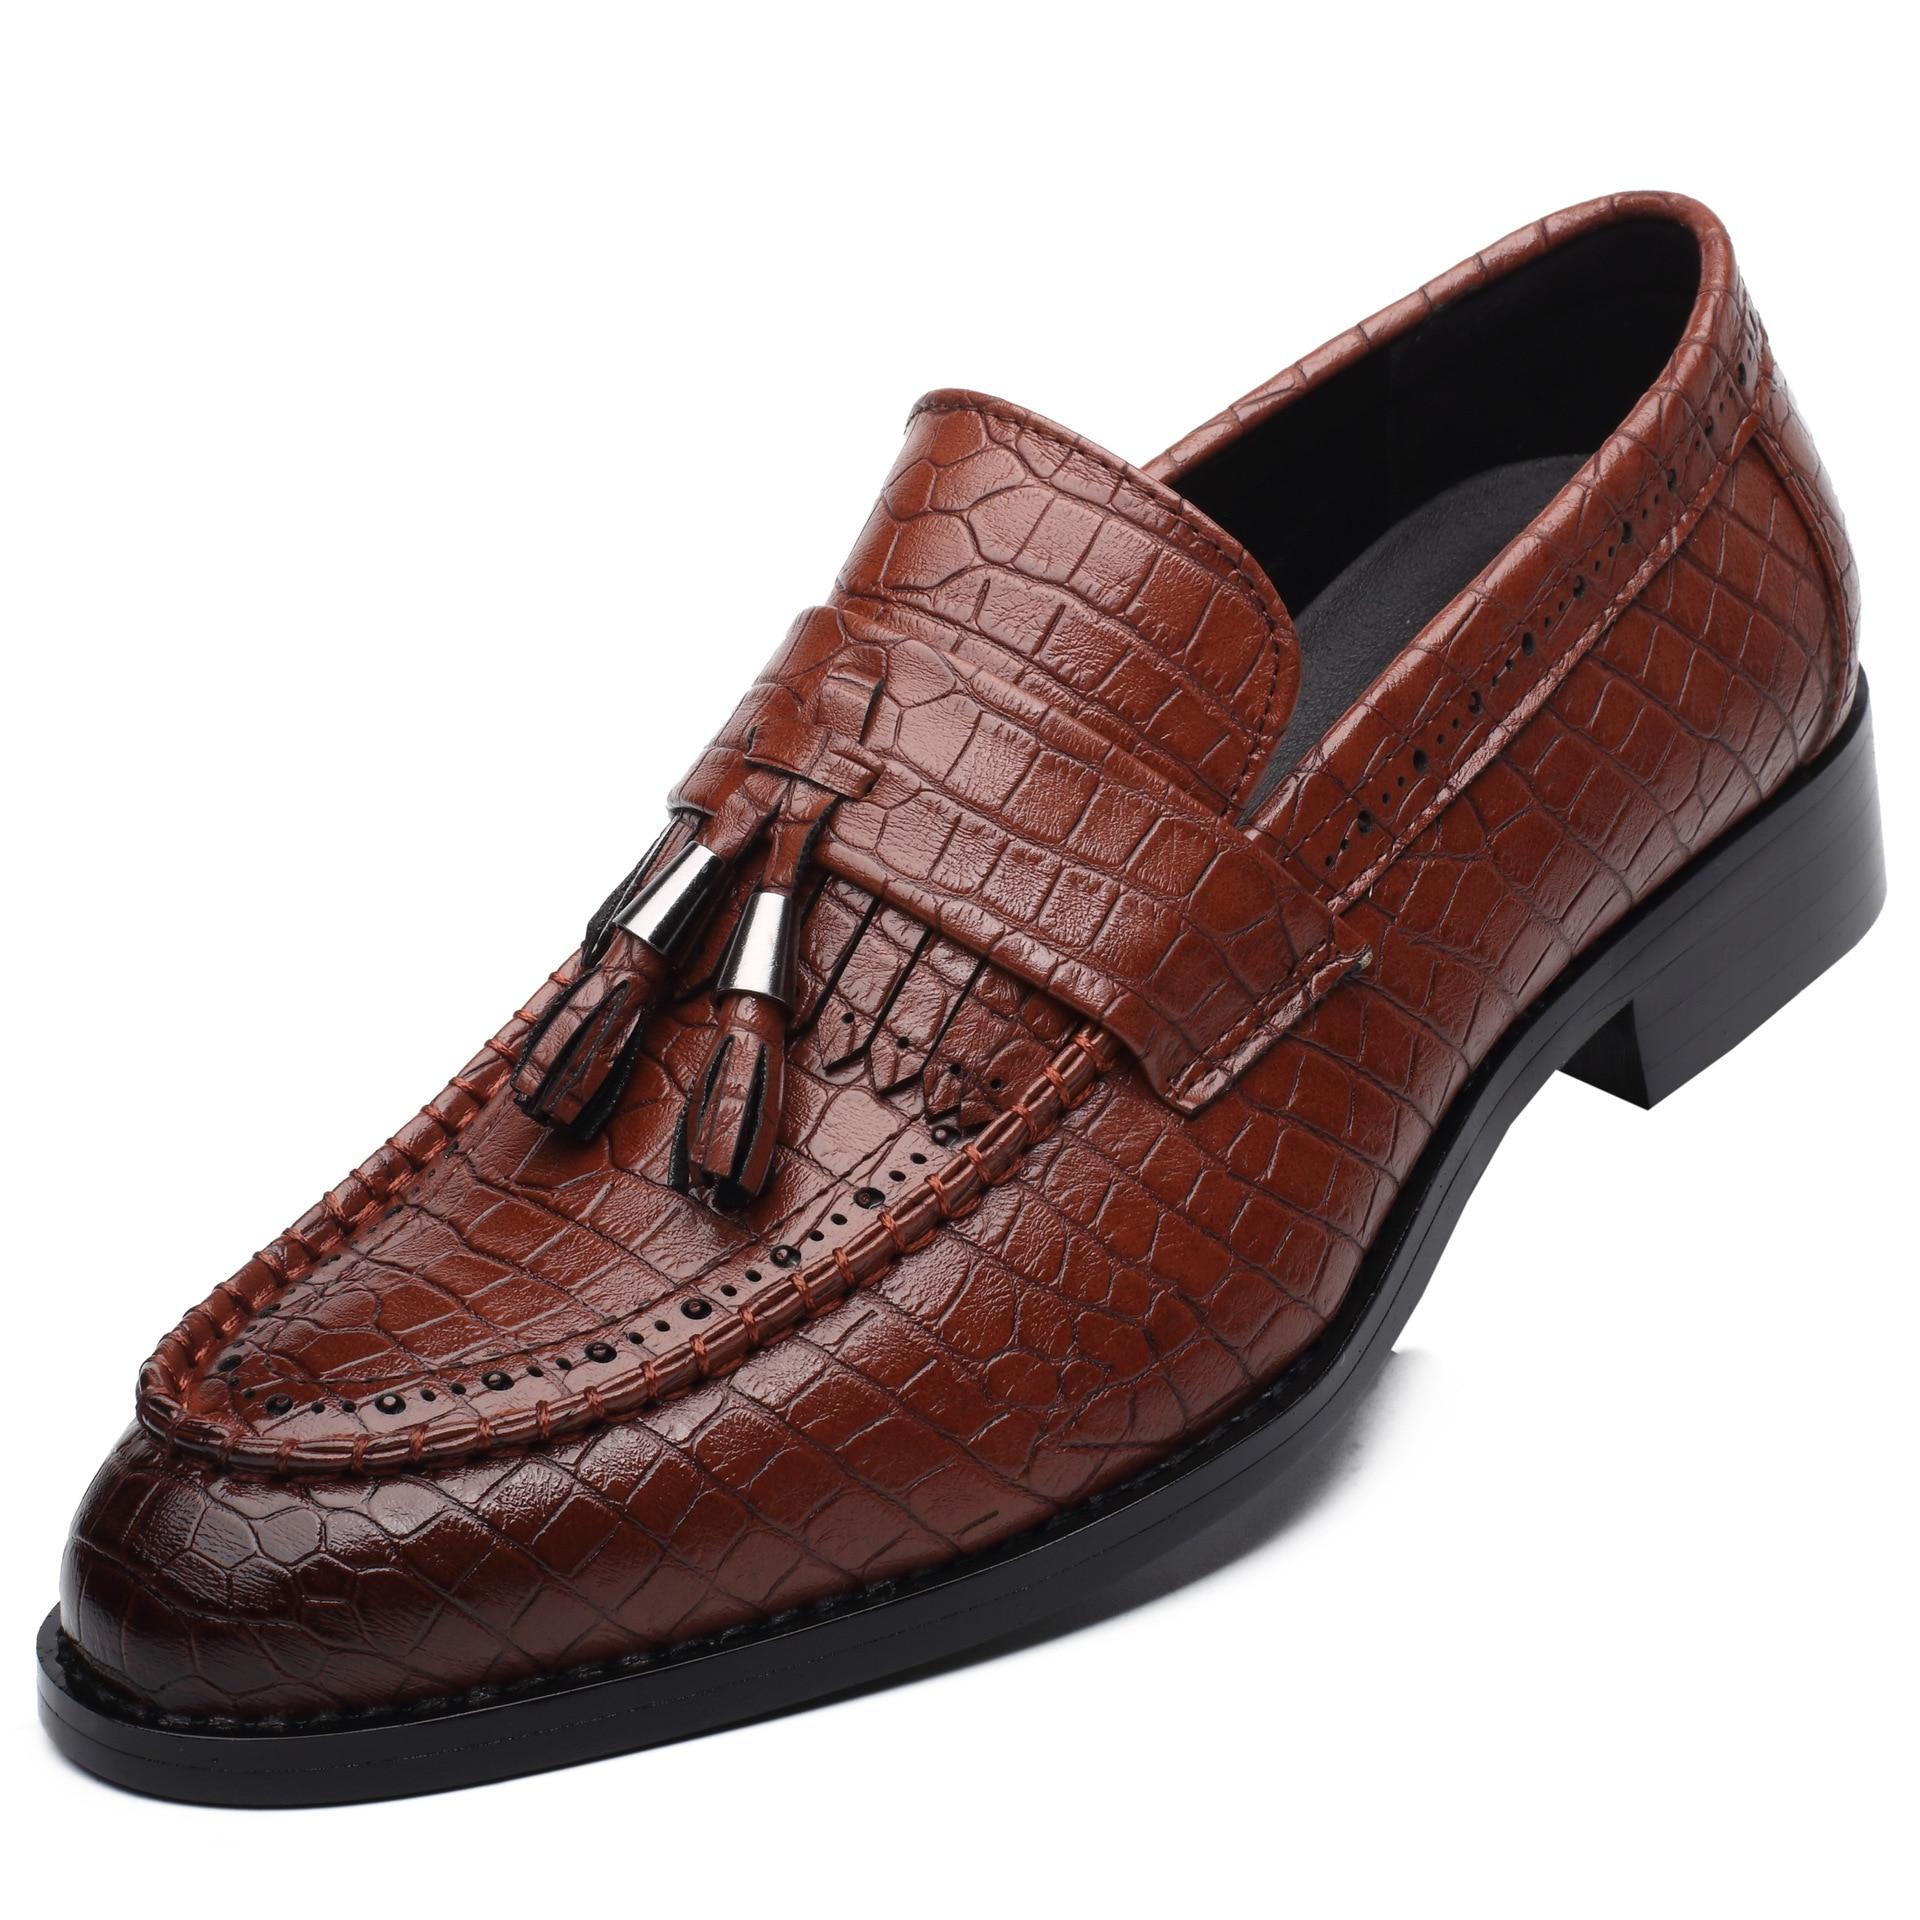 Pour Pointu Glissement Nouveau Design brown Les Gland Chaussures Cuir Bout Alligator Sur Artificiel Mocassins Fringe 2018 Hommes red Black 7xq14g5